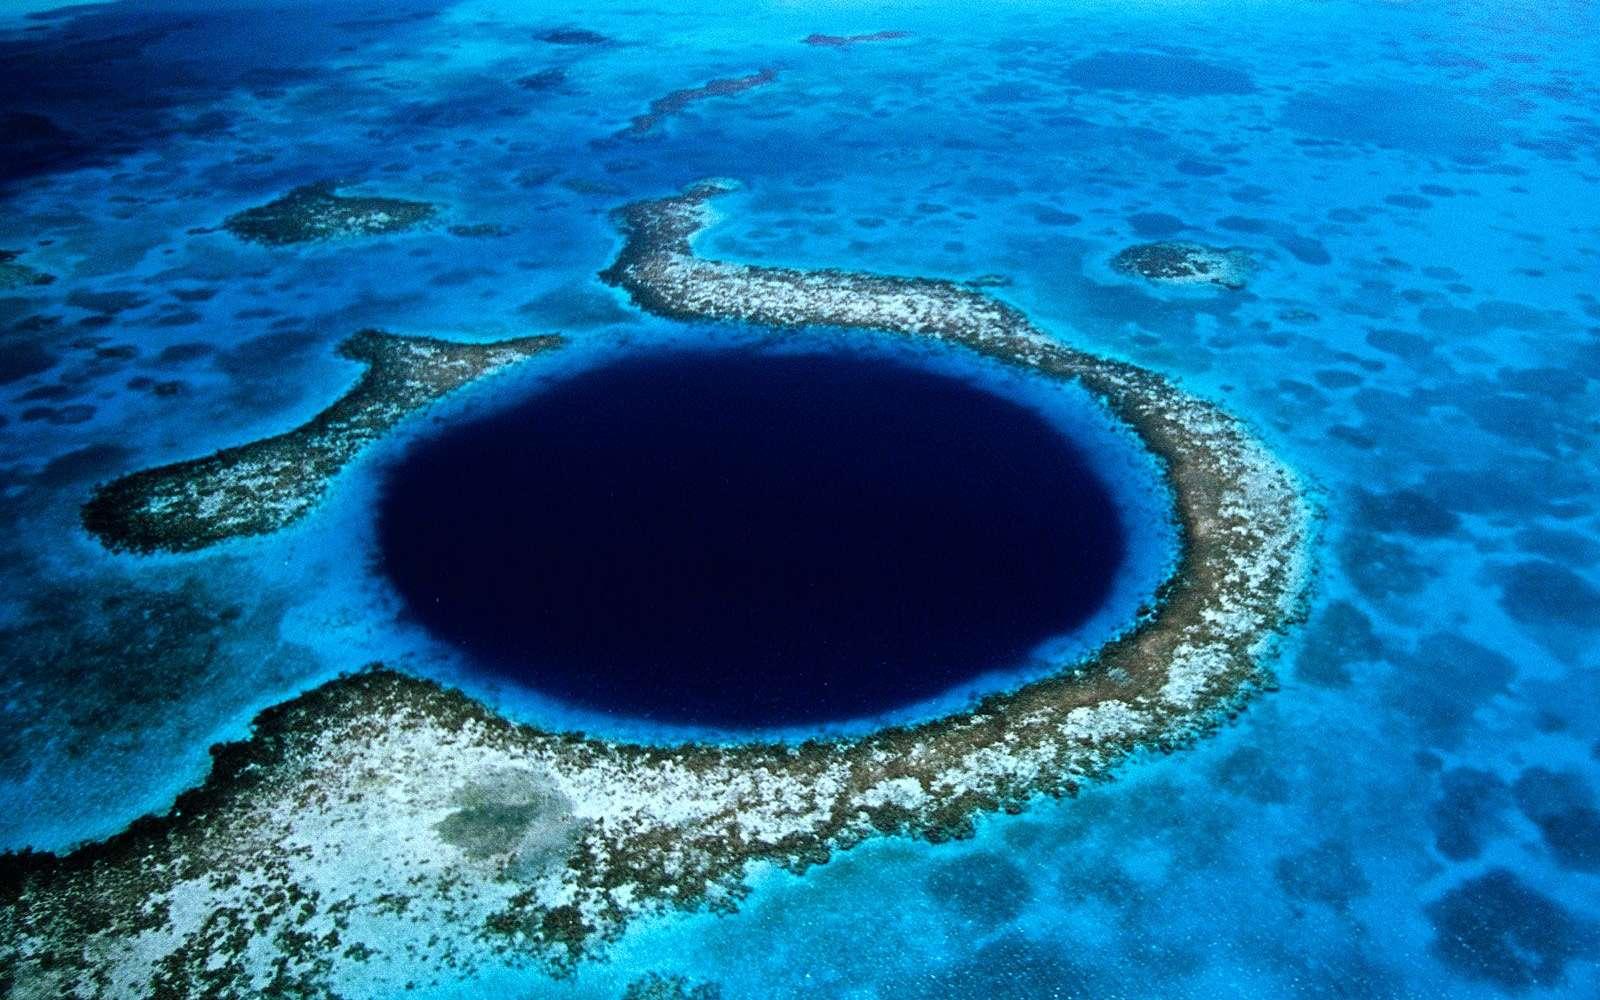 Un des célèbres trous bleus des Bahamas, celui de Bélize. Crédit : WallpaperMe.com